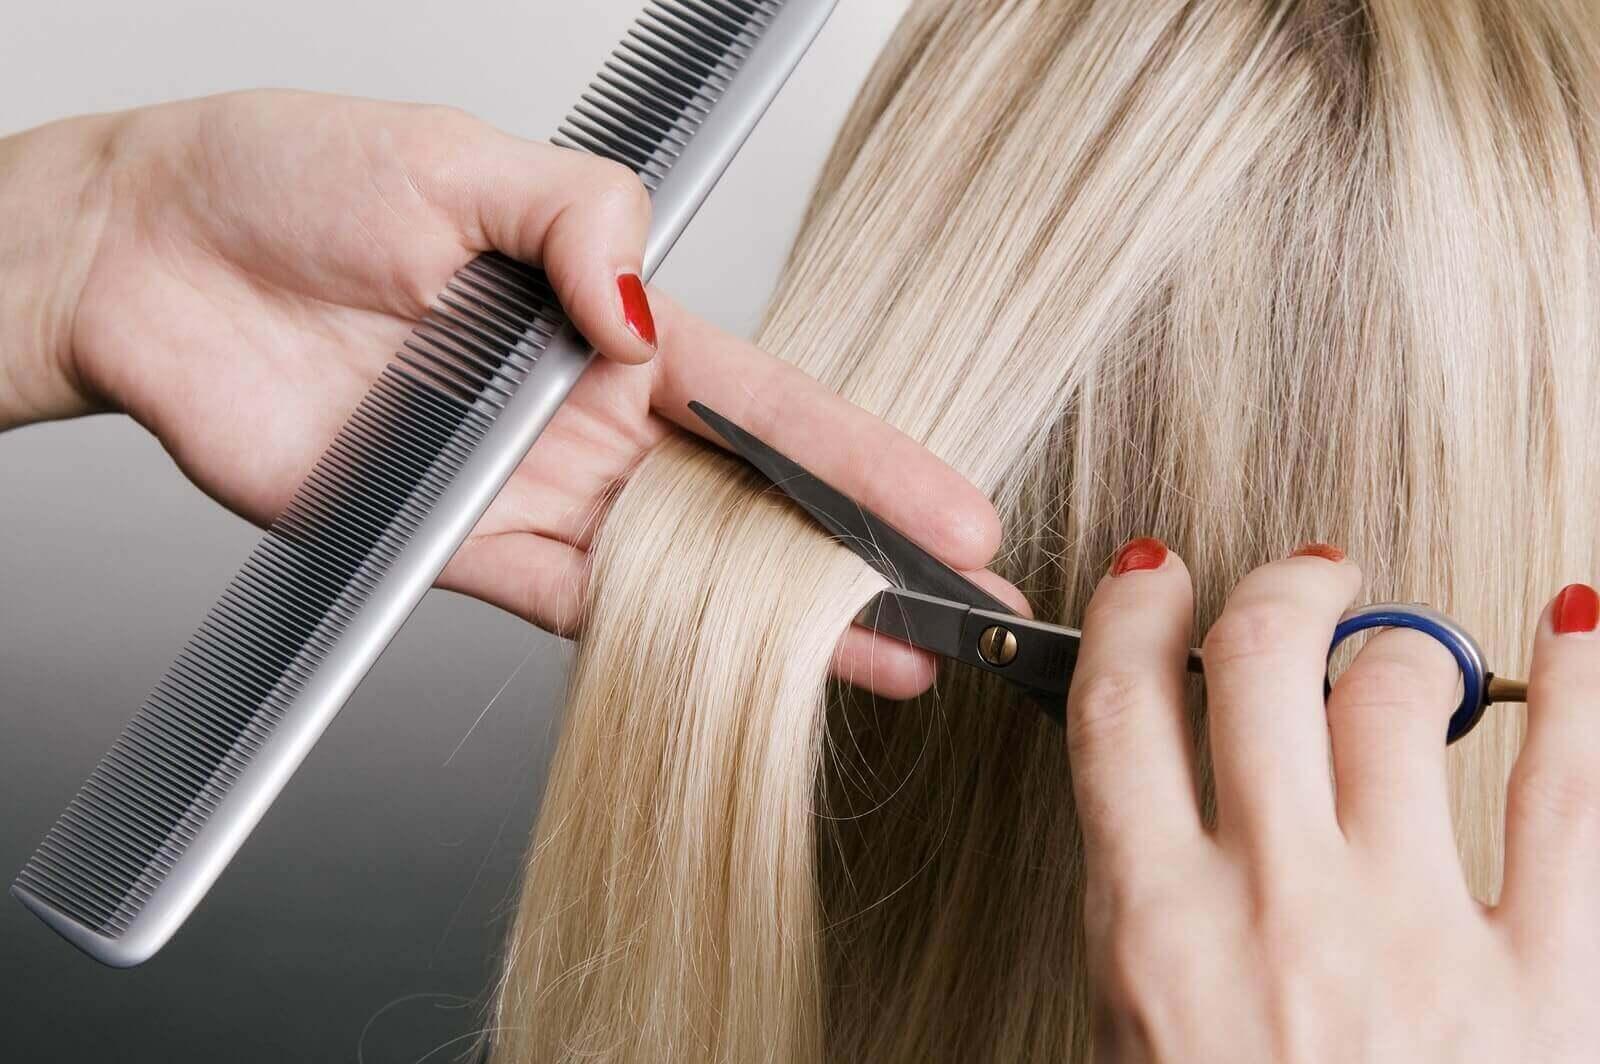 Prestacao de Serviços Pela Internet trabalhando como cabeleireira